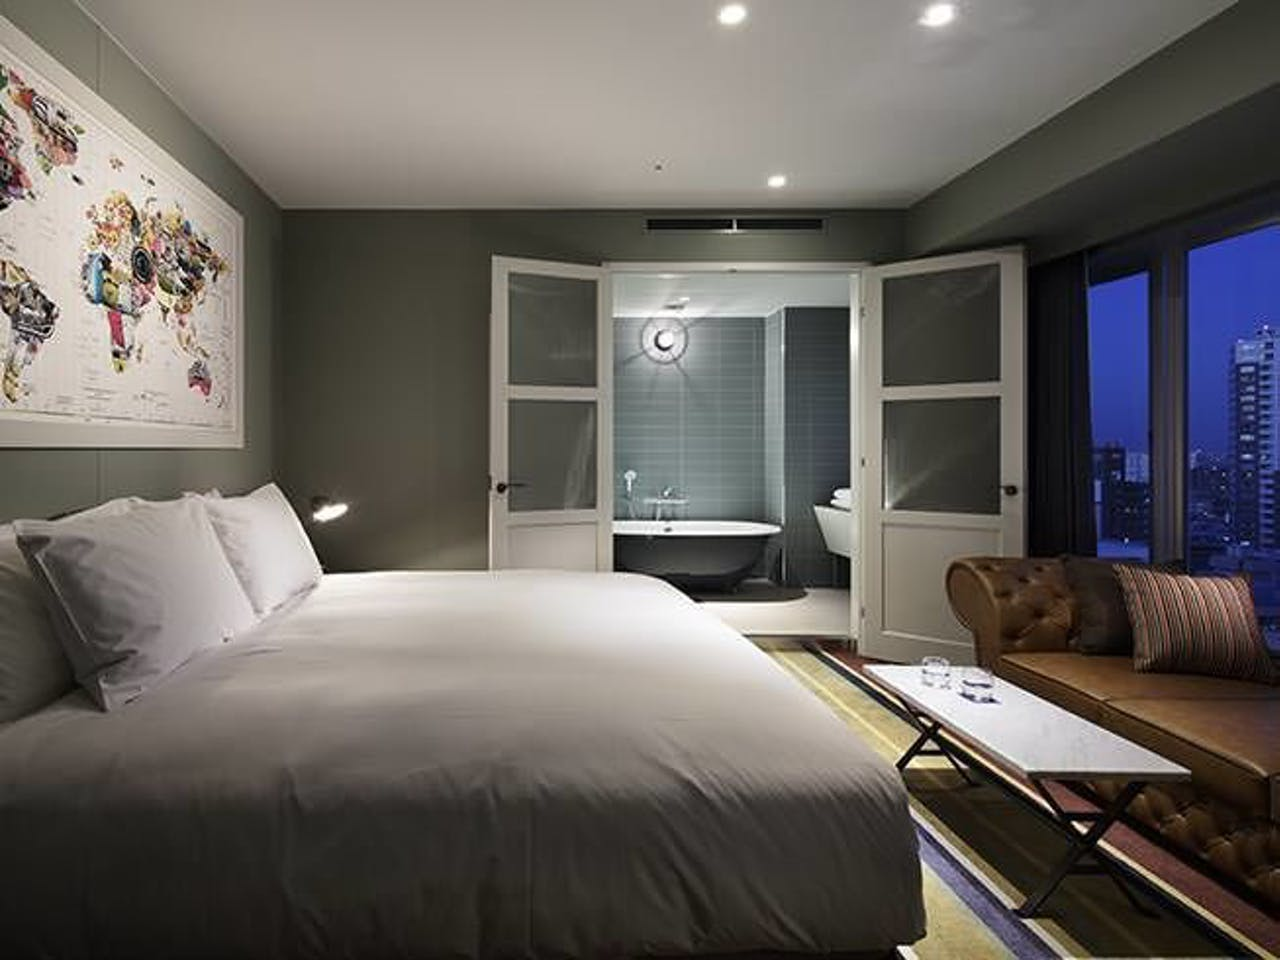 【東京のおしゃれなホテル】『新宿グランベルホテル』、「エグゼクティブカジュアルダブル」の部屋とバスルーム